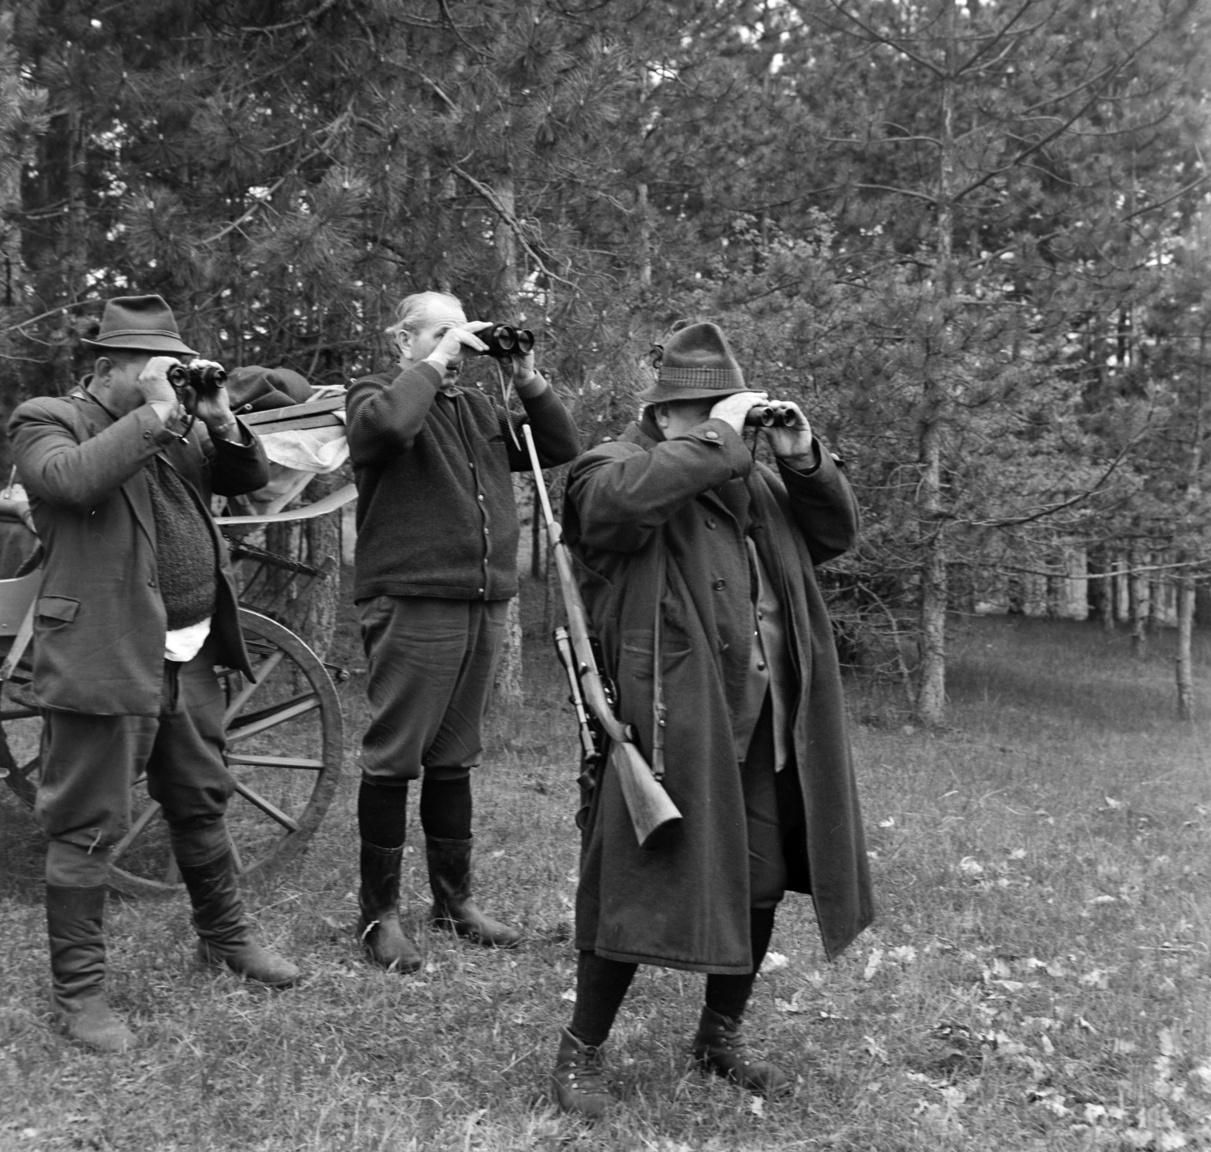 A NSZK-ból érkező vendégek őzbak vadászata a Nagyerdőn, 1965Az elfenekelt kezdőn kívül visszajáró tagjai is voltak annak a hatfős nyugatnémet vadásztársaságnak, amelyről Bojár a vadászati szaklapnak készített fotókat. A rövid cikkből kiderül, hogy a négynapos vadászat során az összesen 1800 darabos nagyerdei őzállományból 34 bakot lőttek ki. A hatvanas évek közepén egyre több külföldi érkezett a magyar vadászparadicsomba, így az élővad befogása és a bérvadászat, a körré épülő szolgáltatásokkal együtt jól jövedelmező iparággá vált. Az ebből származó devizabevétel a kimutatások szerint 1983-ban már meghaladta az 50 millió dollárt.